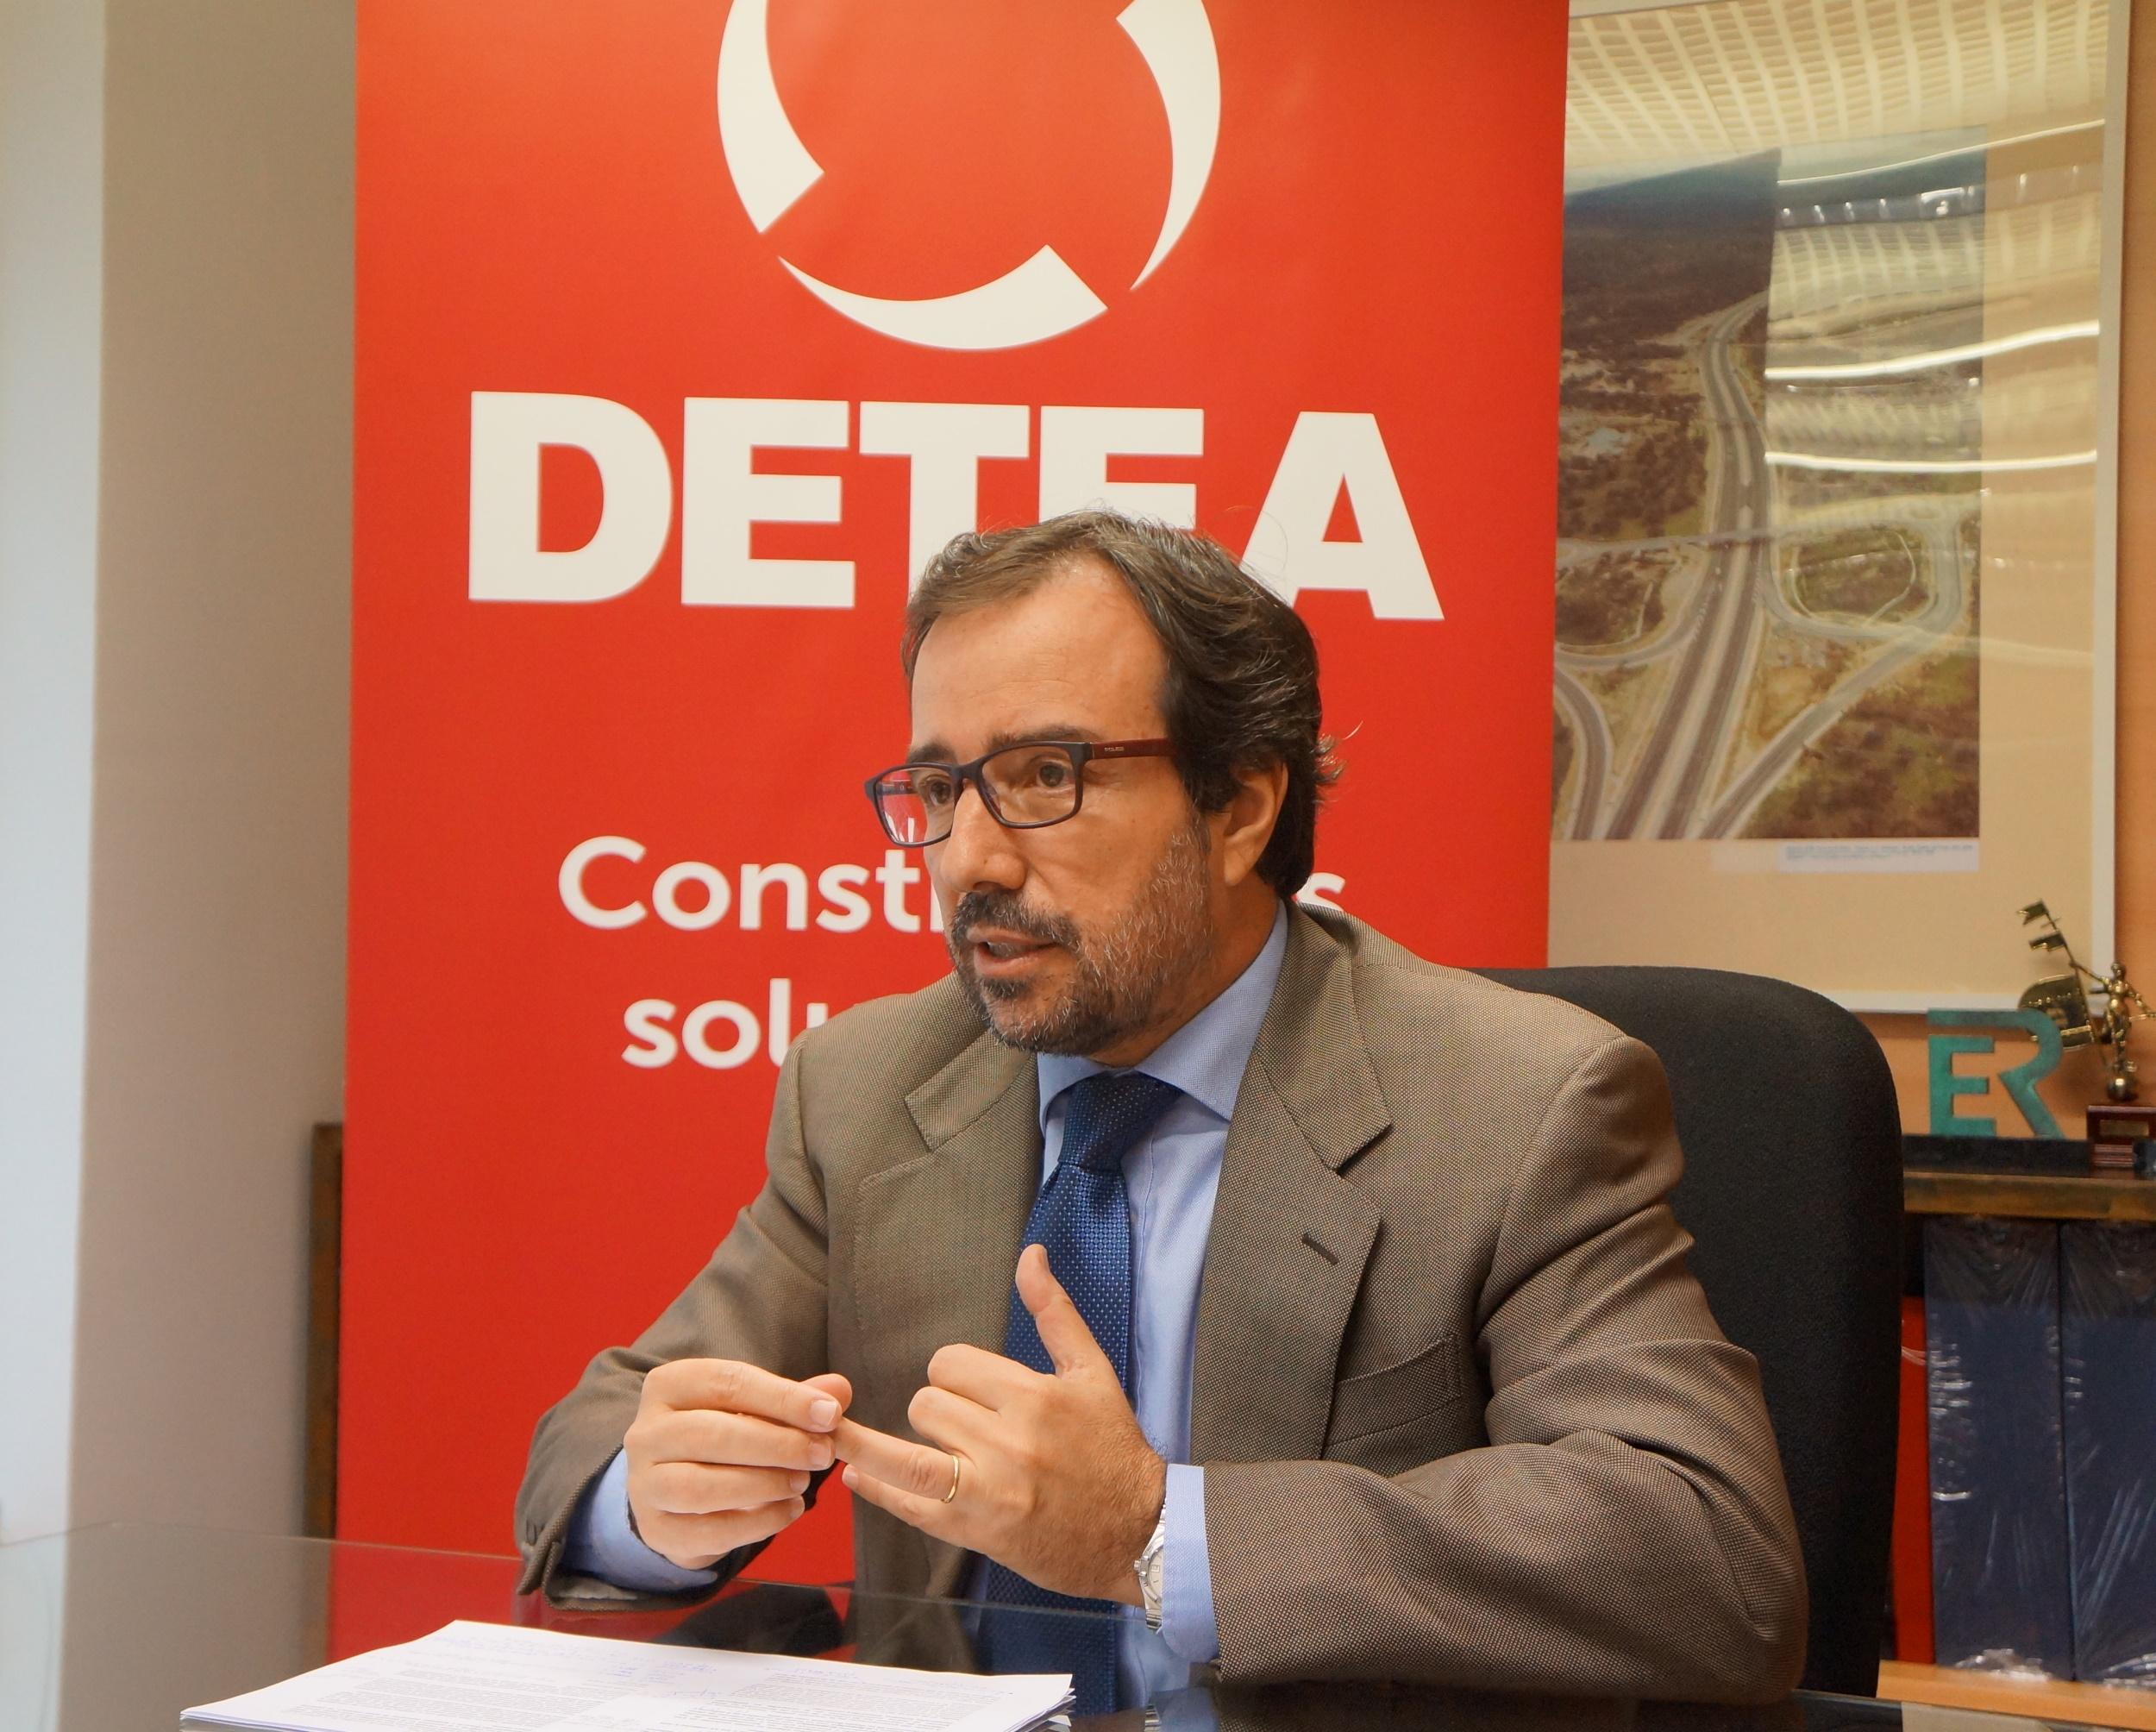 NOTA DE PRENSA: DETEA TRIPLICÓ EN 2016 SU FACTURACIÓN Y DUPLICÓ EL NÚMERO DE EMPLEADOS